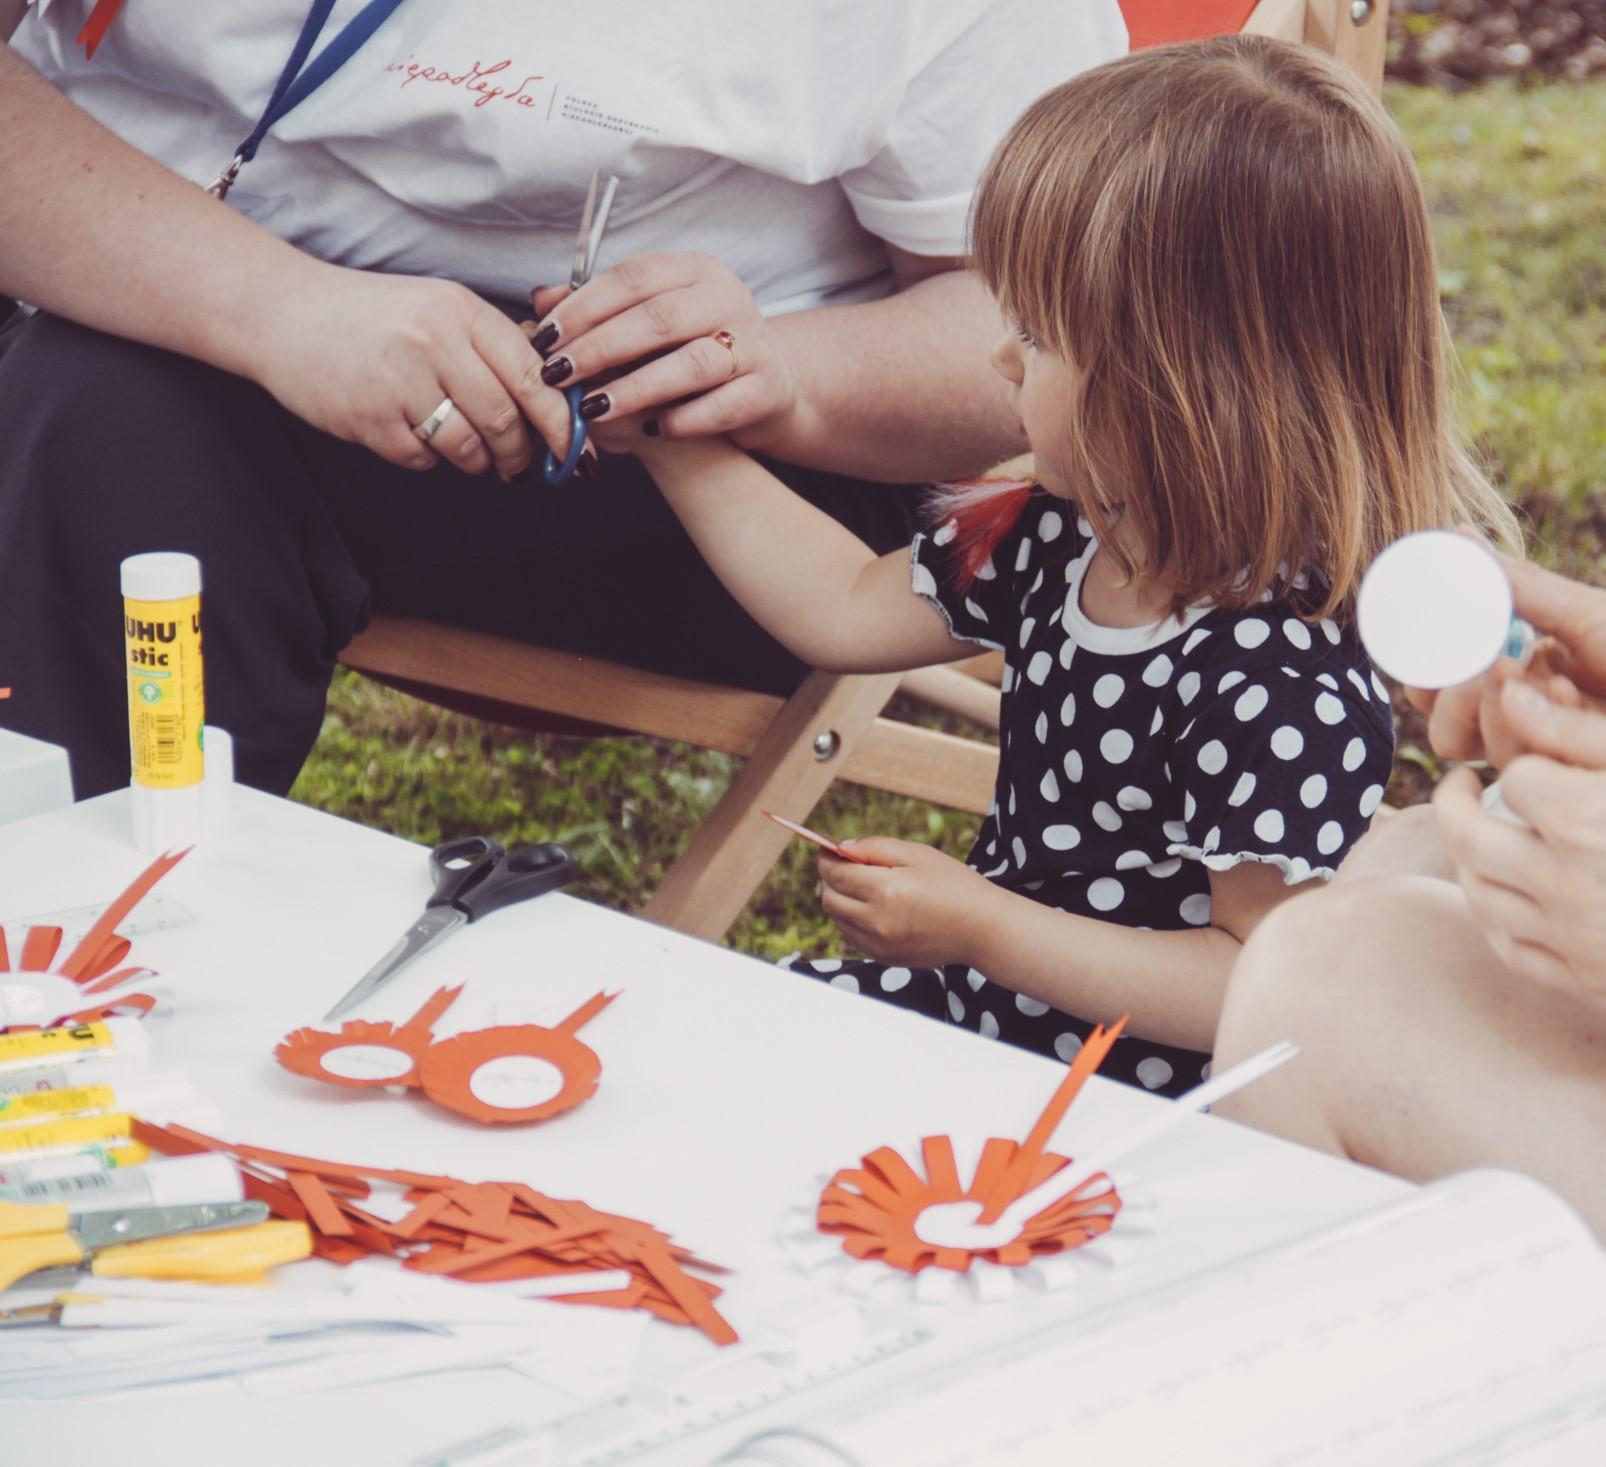 przy stole dziewczynka lepiąca kotyliony z przygotowanych elementów